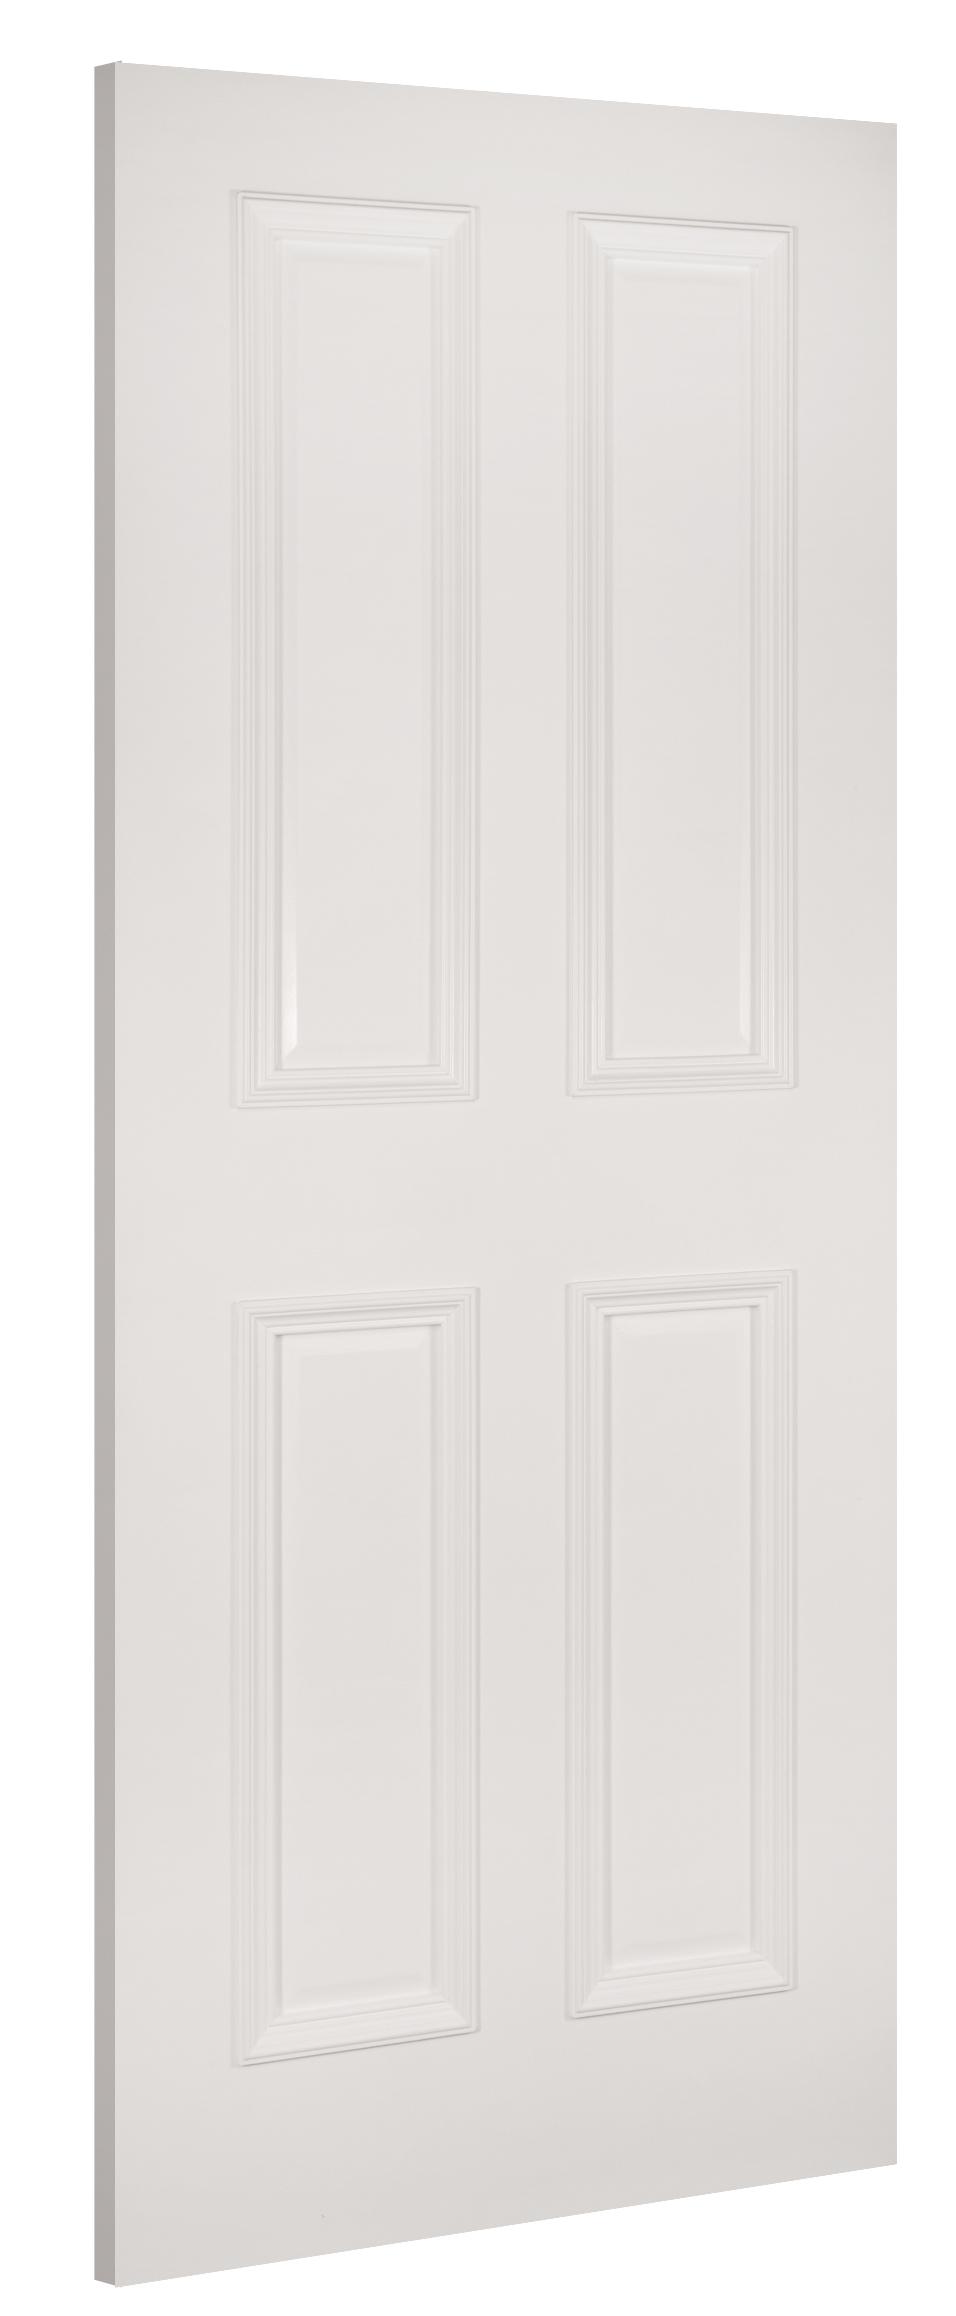 Primed Doors WR1